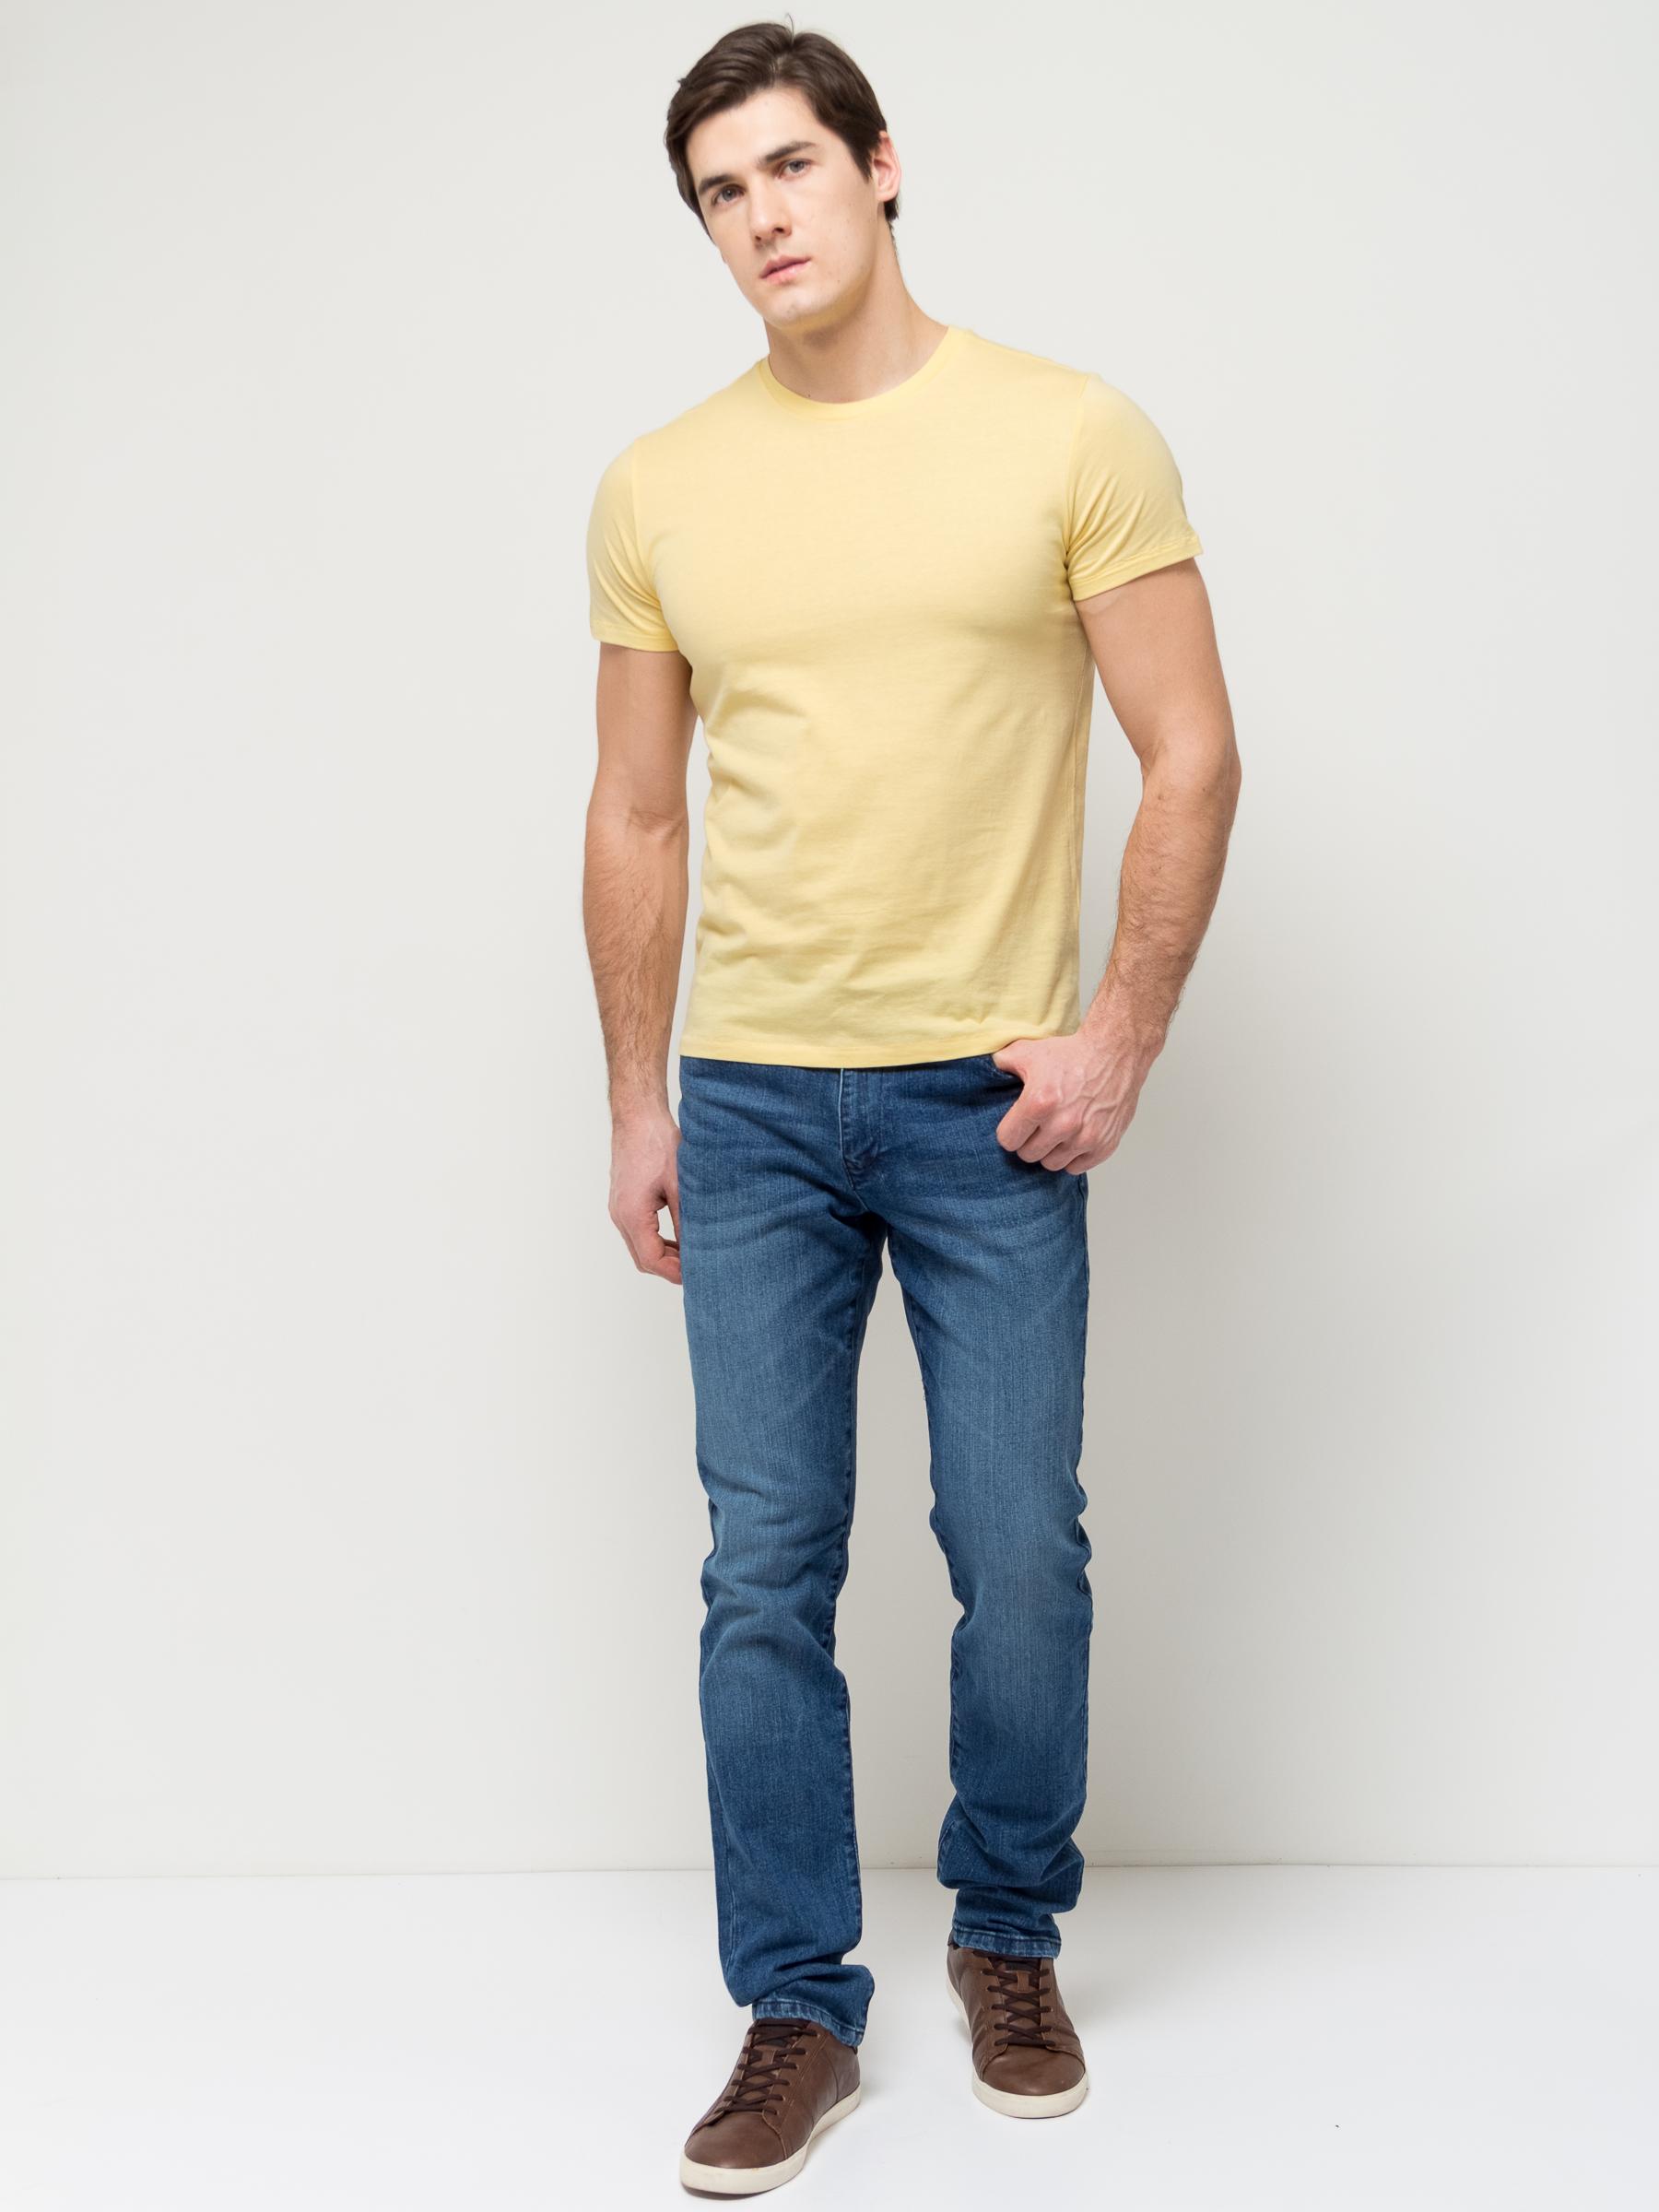 Джинсы мужские Sela, цвет: синий джинс. PJ-235/1073-7152. Размер 28-32 (44-32)PJ-235/1073-7152Стильные мужские джинсы Sela, изготовленные из качественного эластичного хлопка с потертостями, станут отличным дополнением гардероба. Джинсы зауженного кроя и стандартной посадки на талии застегиваются на застежку-молнию и пуговицу. На поясе имеются шлевки для ремня. Модель представляет собой классическую пятикарманку: два втачных и накладной карманы спереди и два накладных кармана сзади.